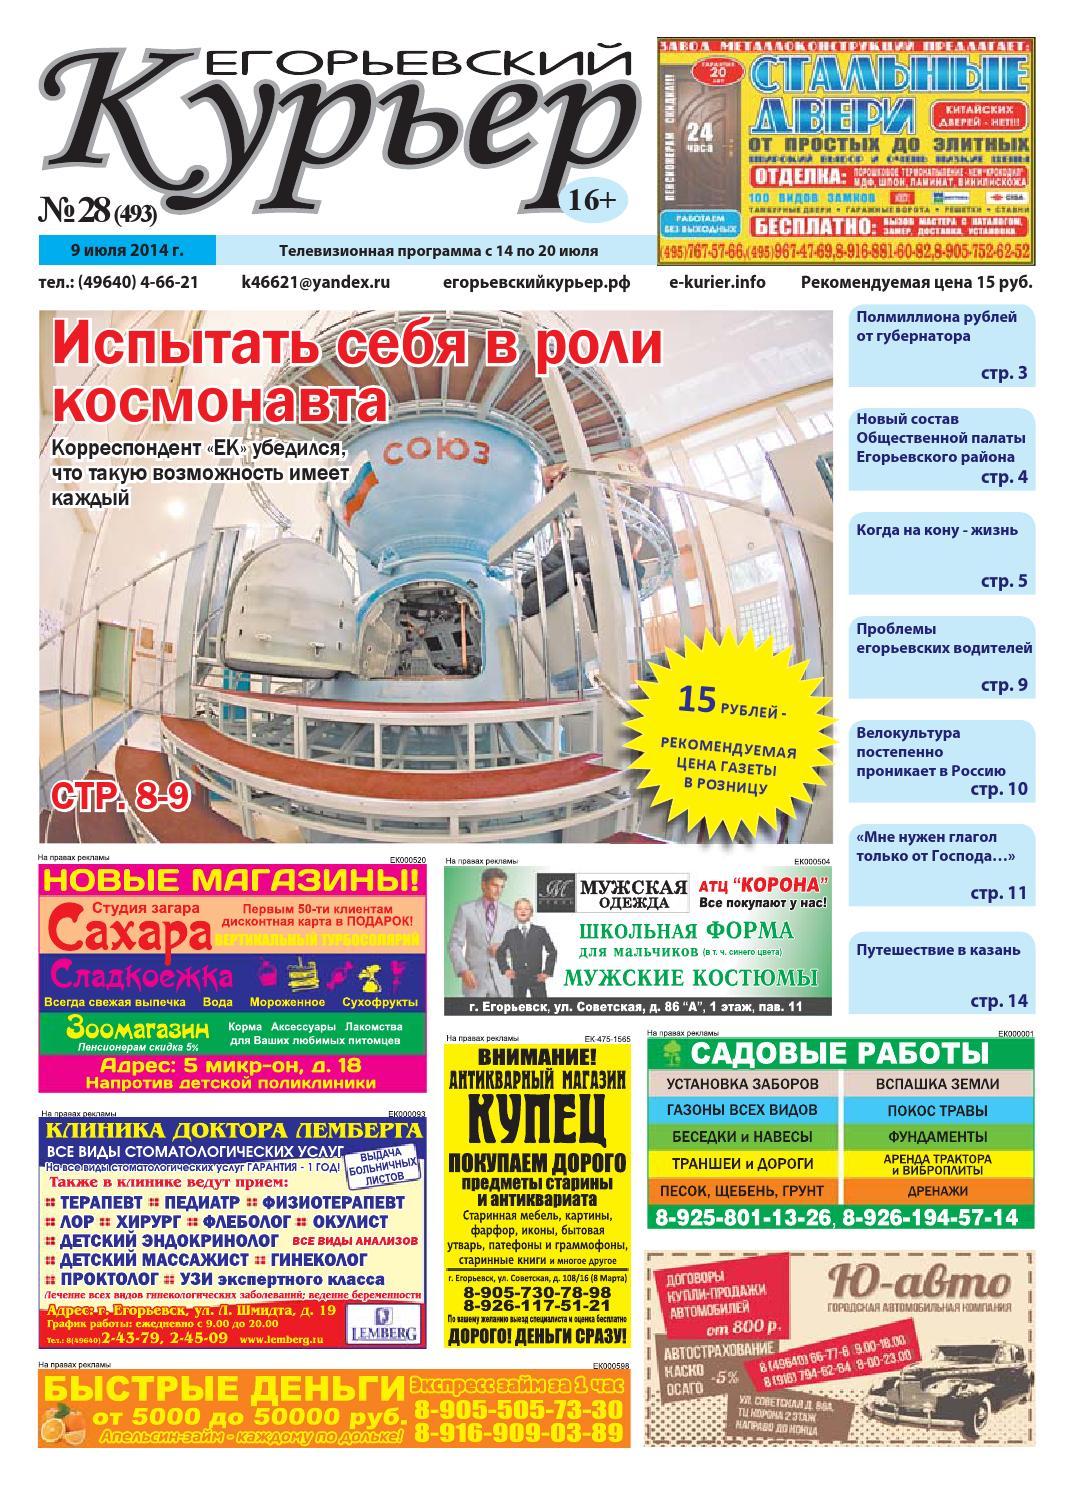 Калужская область киров новости тв